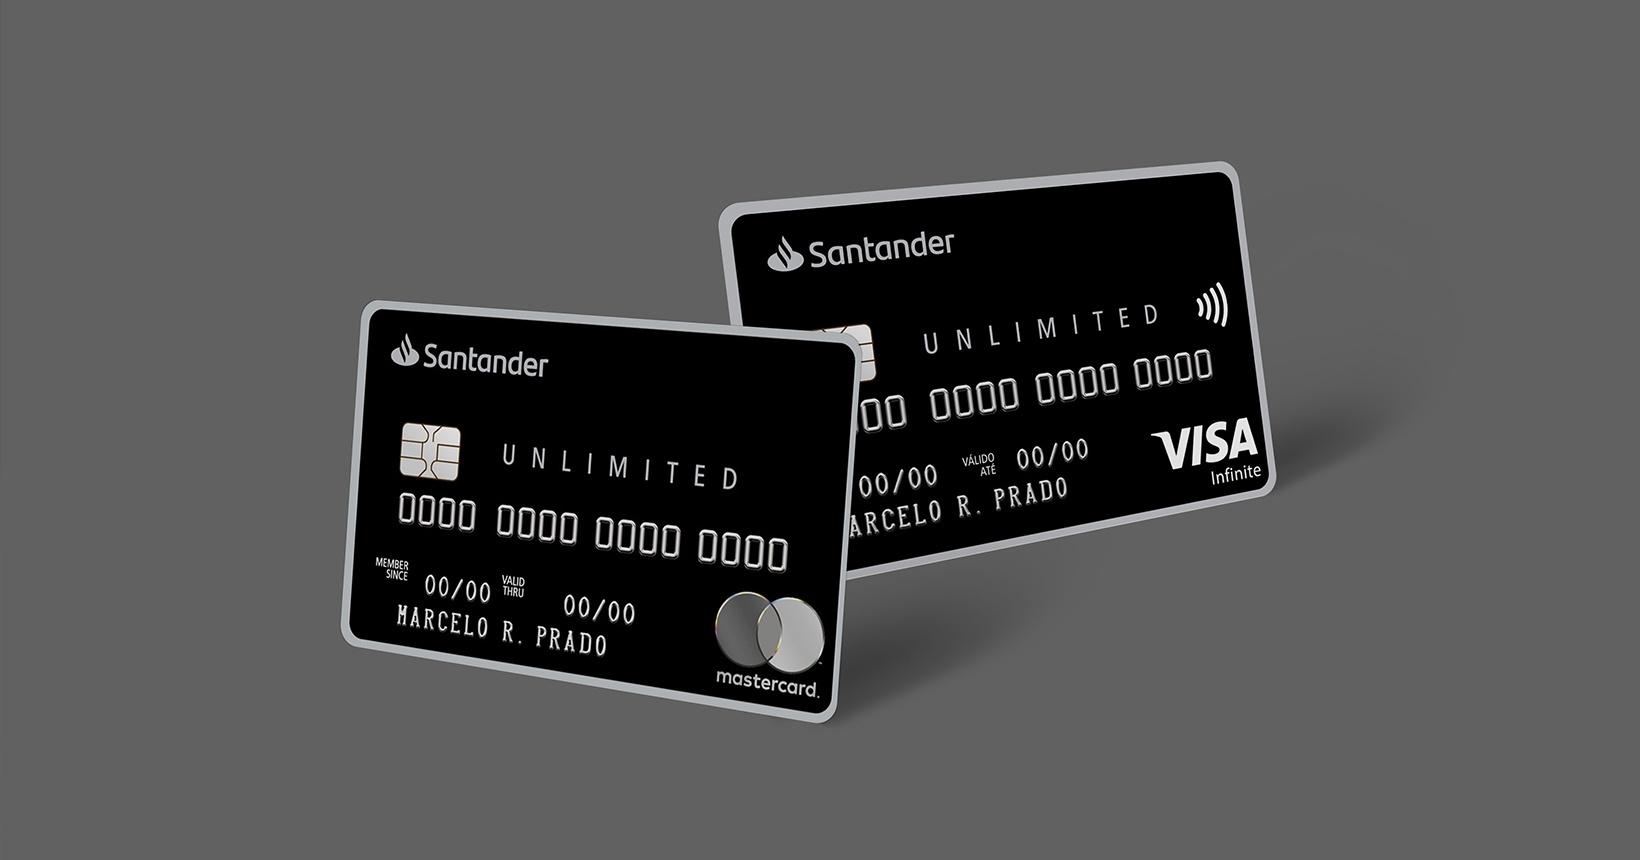 Saiba o que é preciso para solicitar Unlimited Mastercard Black